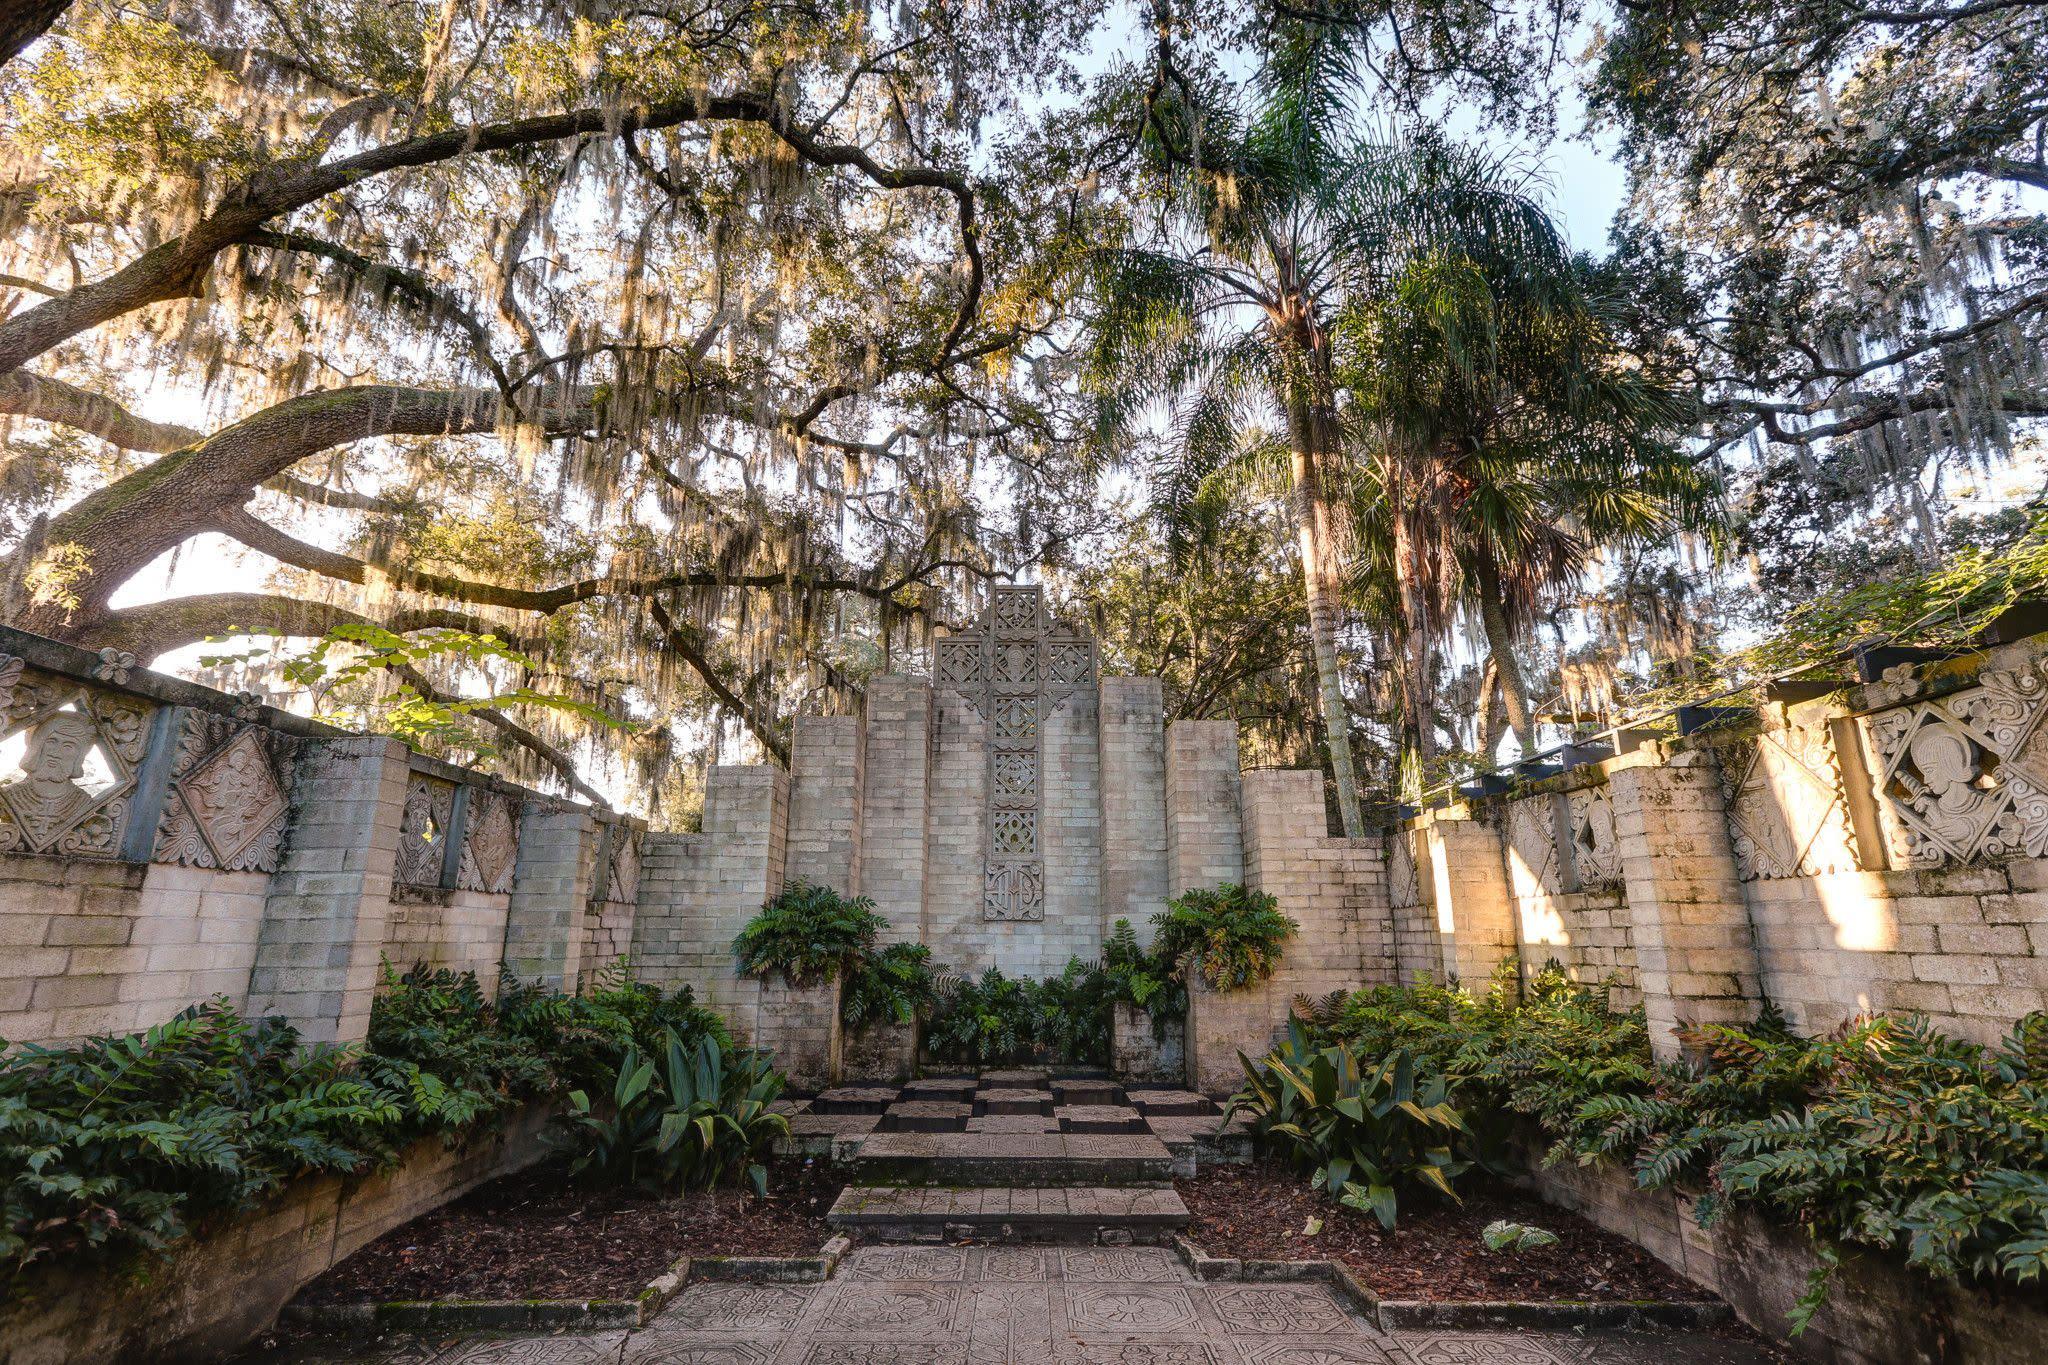 Mayan Chapel at Art & History Museums — Maitland Near Orlando